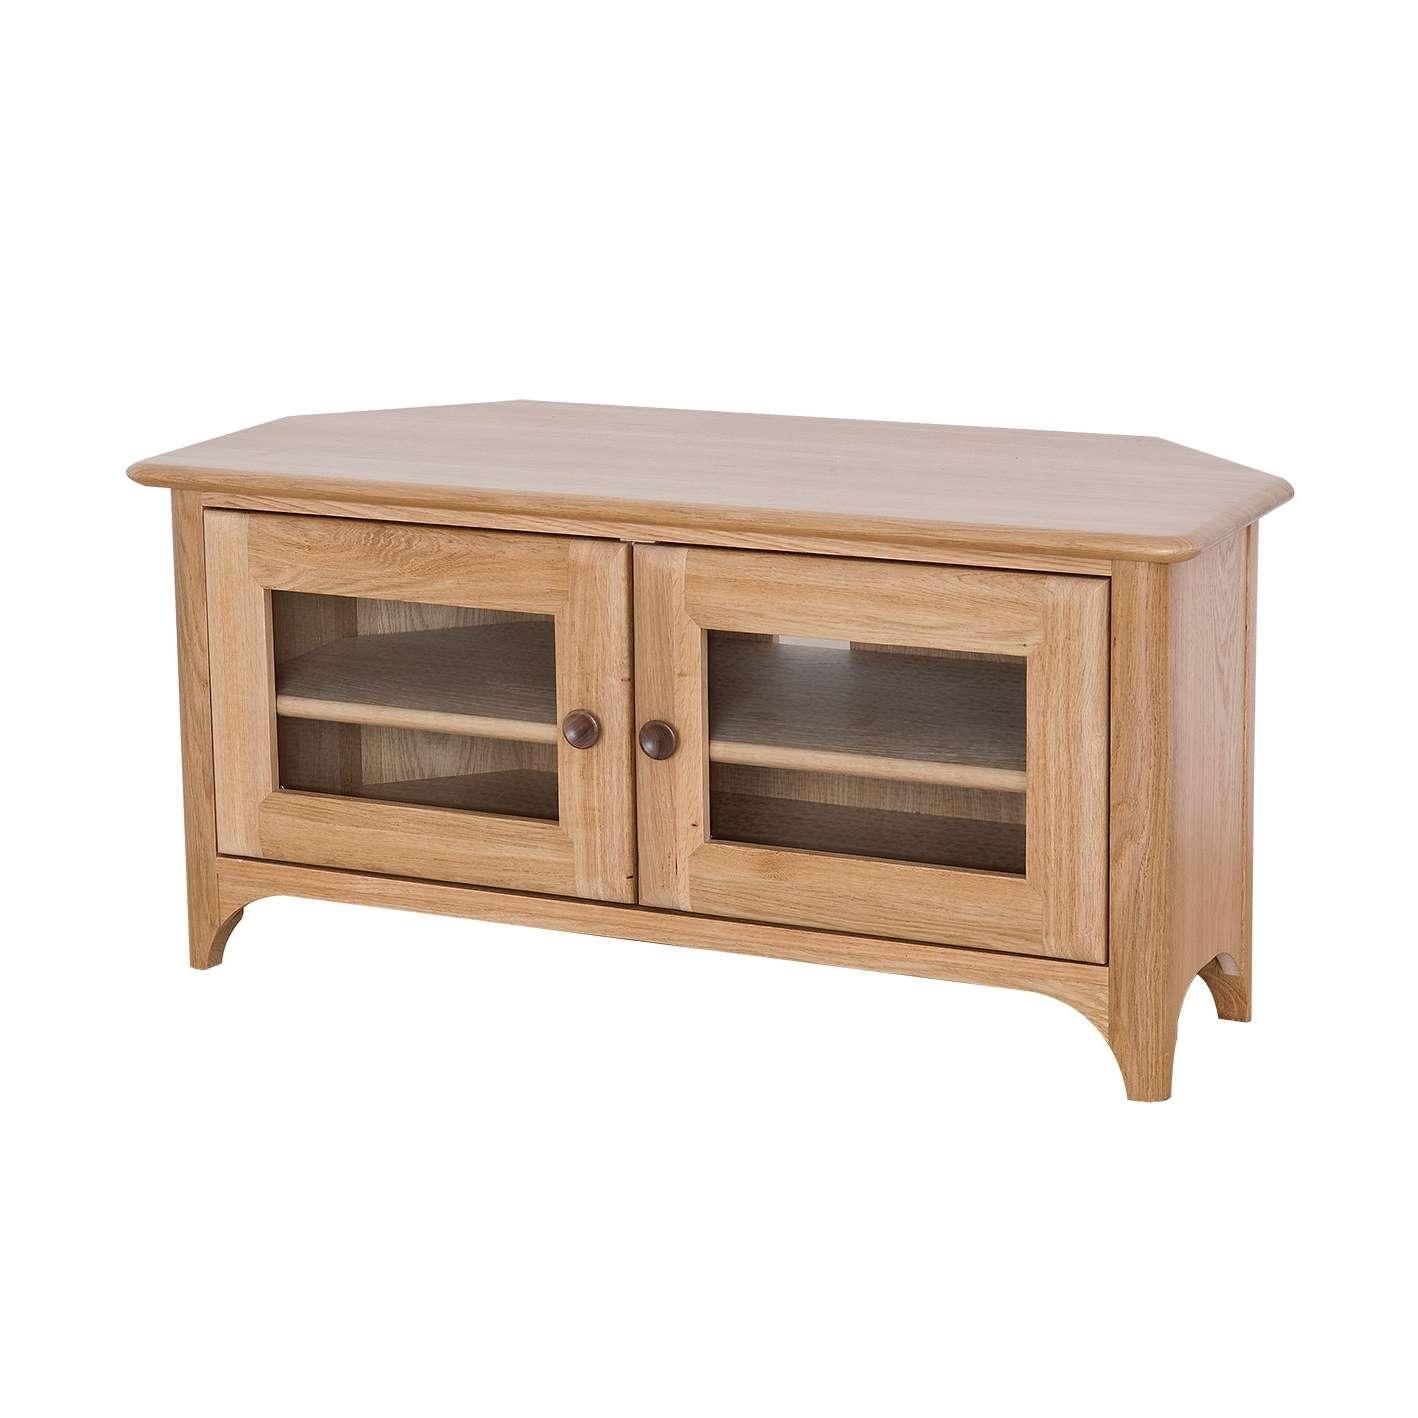 Oak Corner Tv Stand | Gola Furniture Uk Intended For Oak Corner Tv Stands (View 7 of 15)